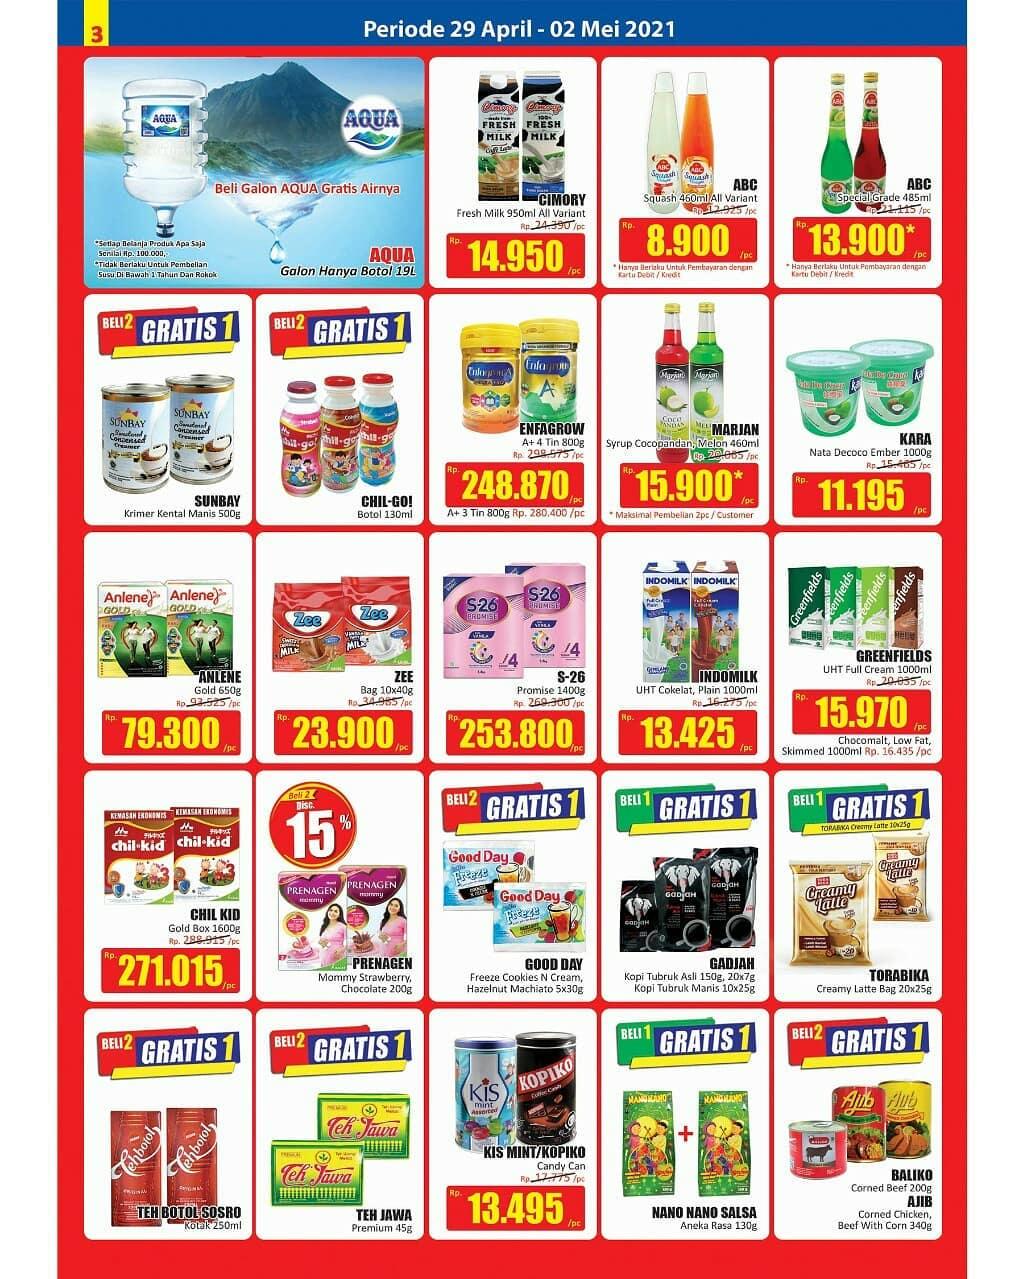 Promo diskon Katalog Promo Hari Hari Swalayan KJSM Periode 29 April - 2 Mei 2021